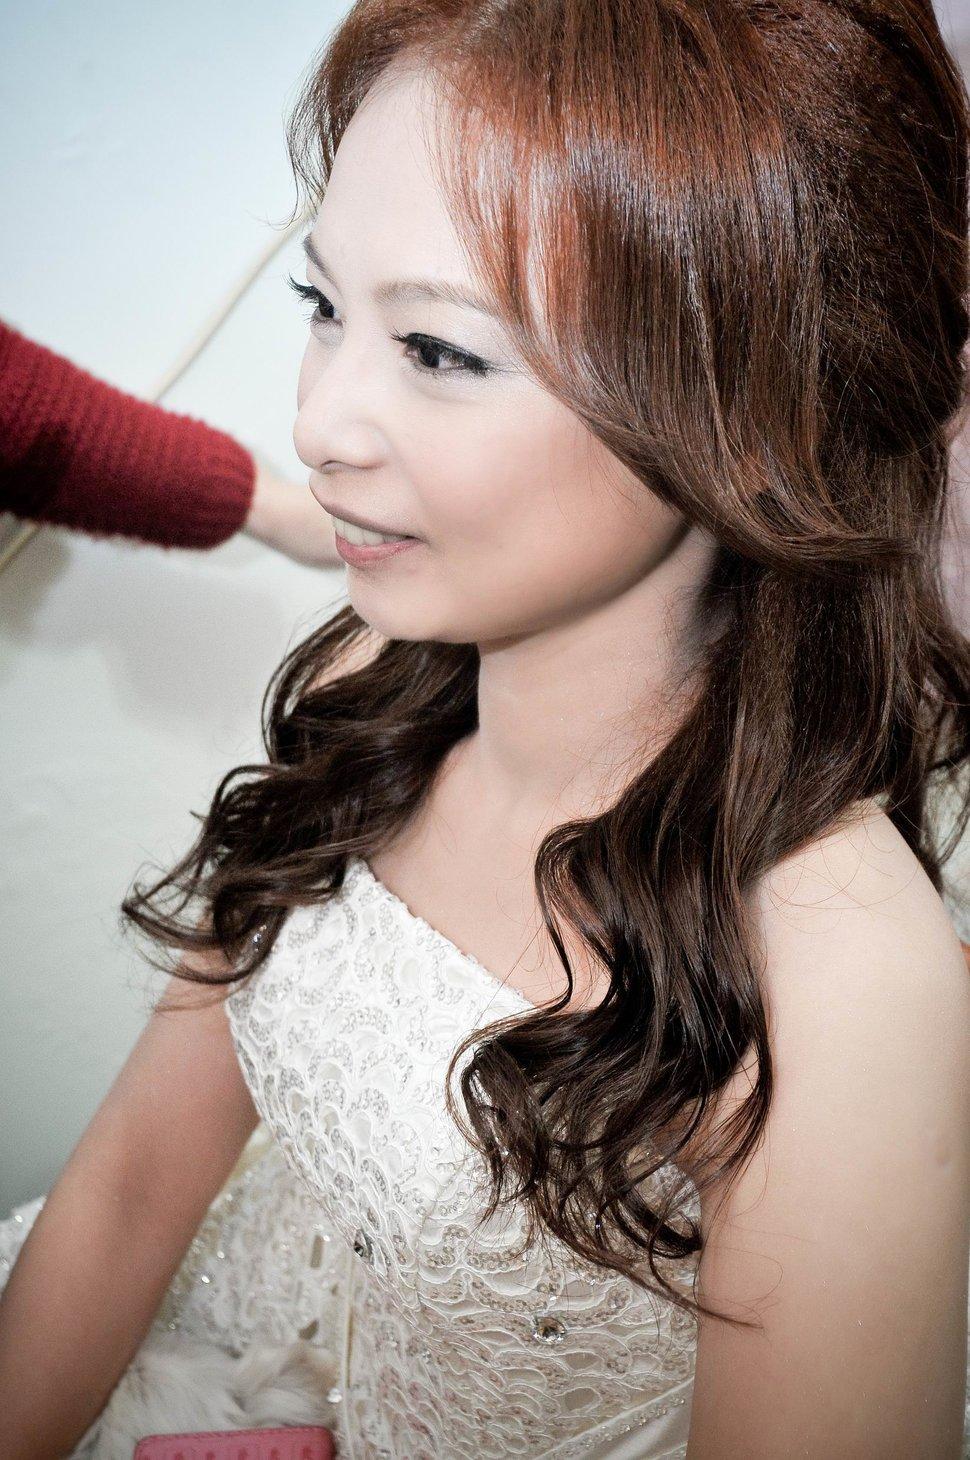 龍和餐廳結婚迎娶儀式晚宴婚禮記錄動態微電影錄影專業錄影平面攝影婚攝婚禮主持人(編號:272451) - 蜜月拍照10800錄影12800攝影團隊 - 結婚吧